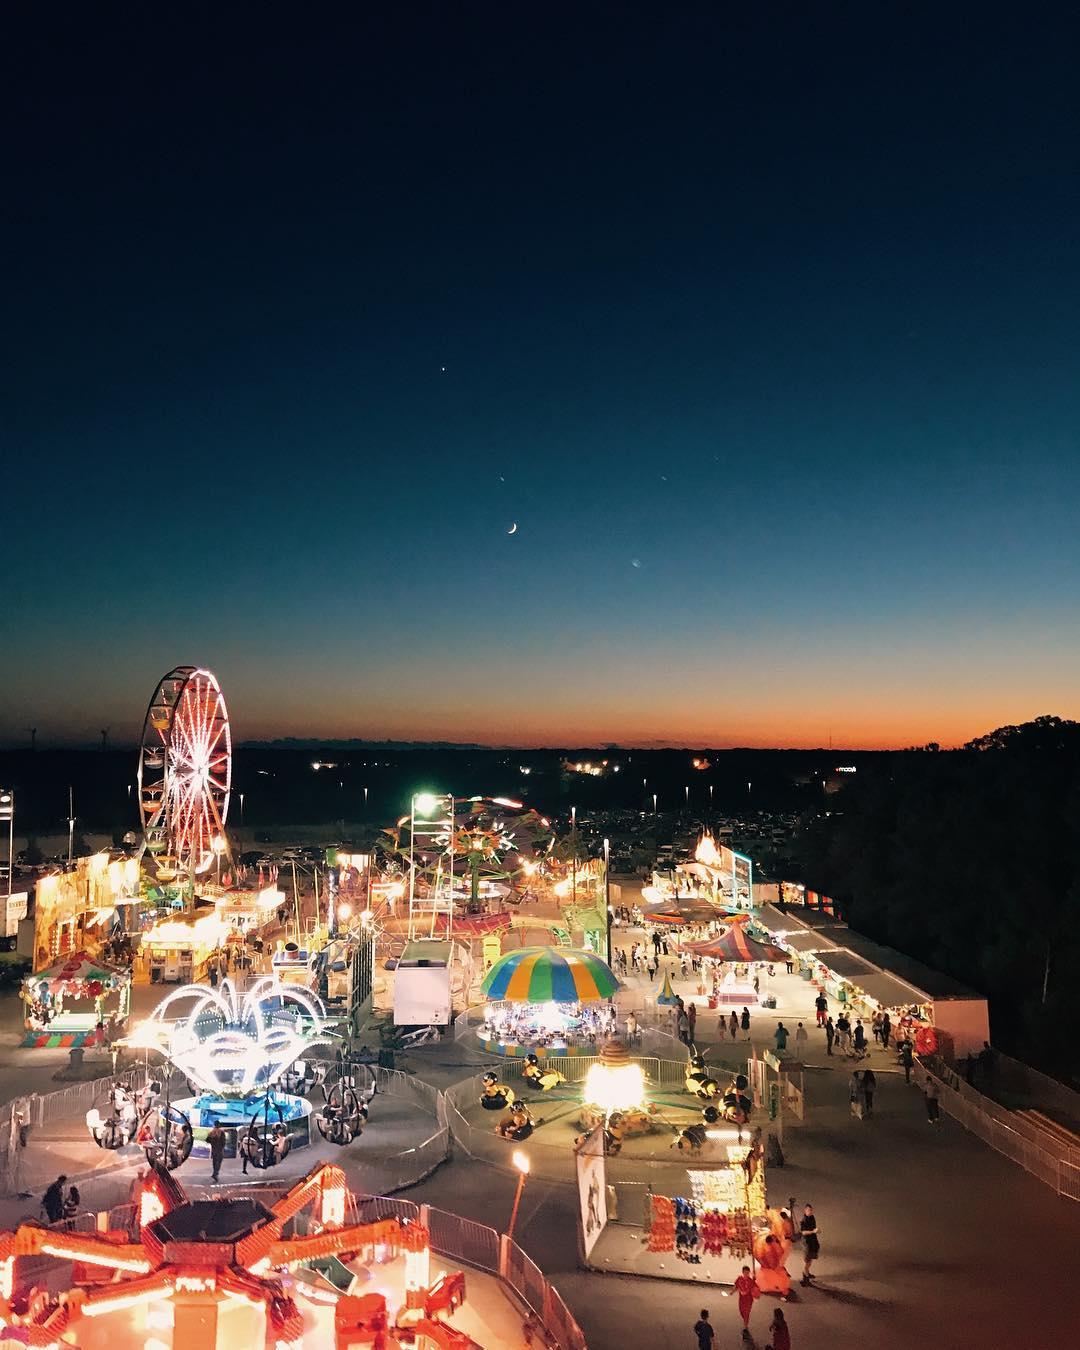 Cape Cod Mall Carnival